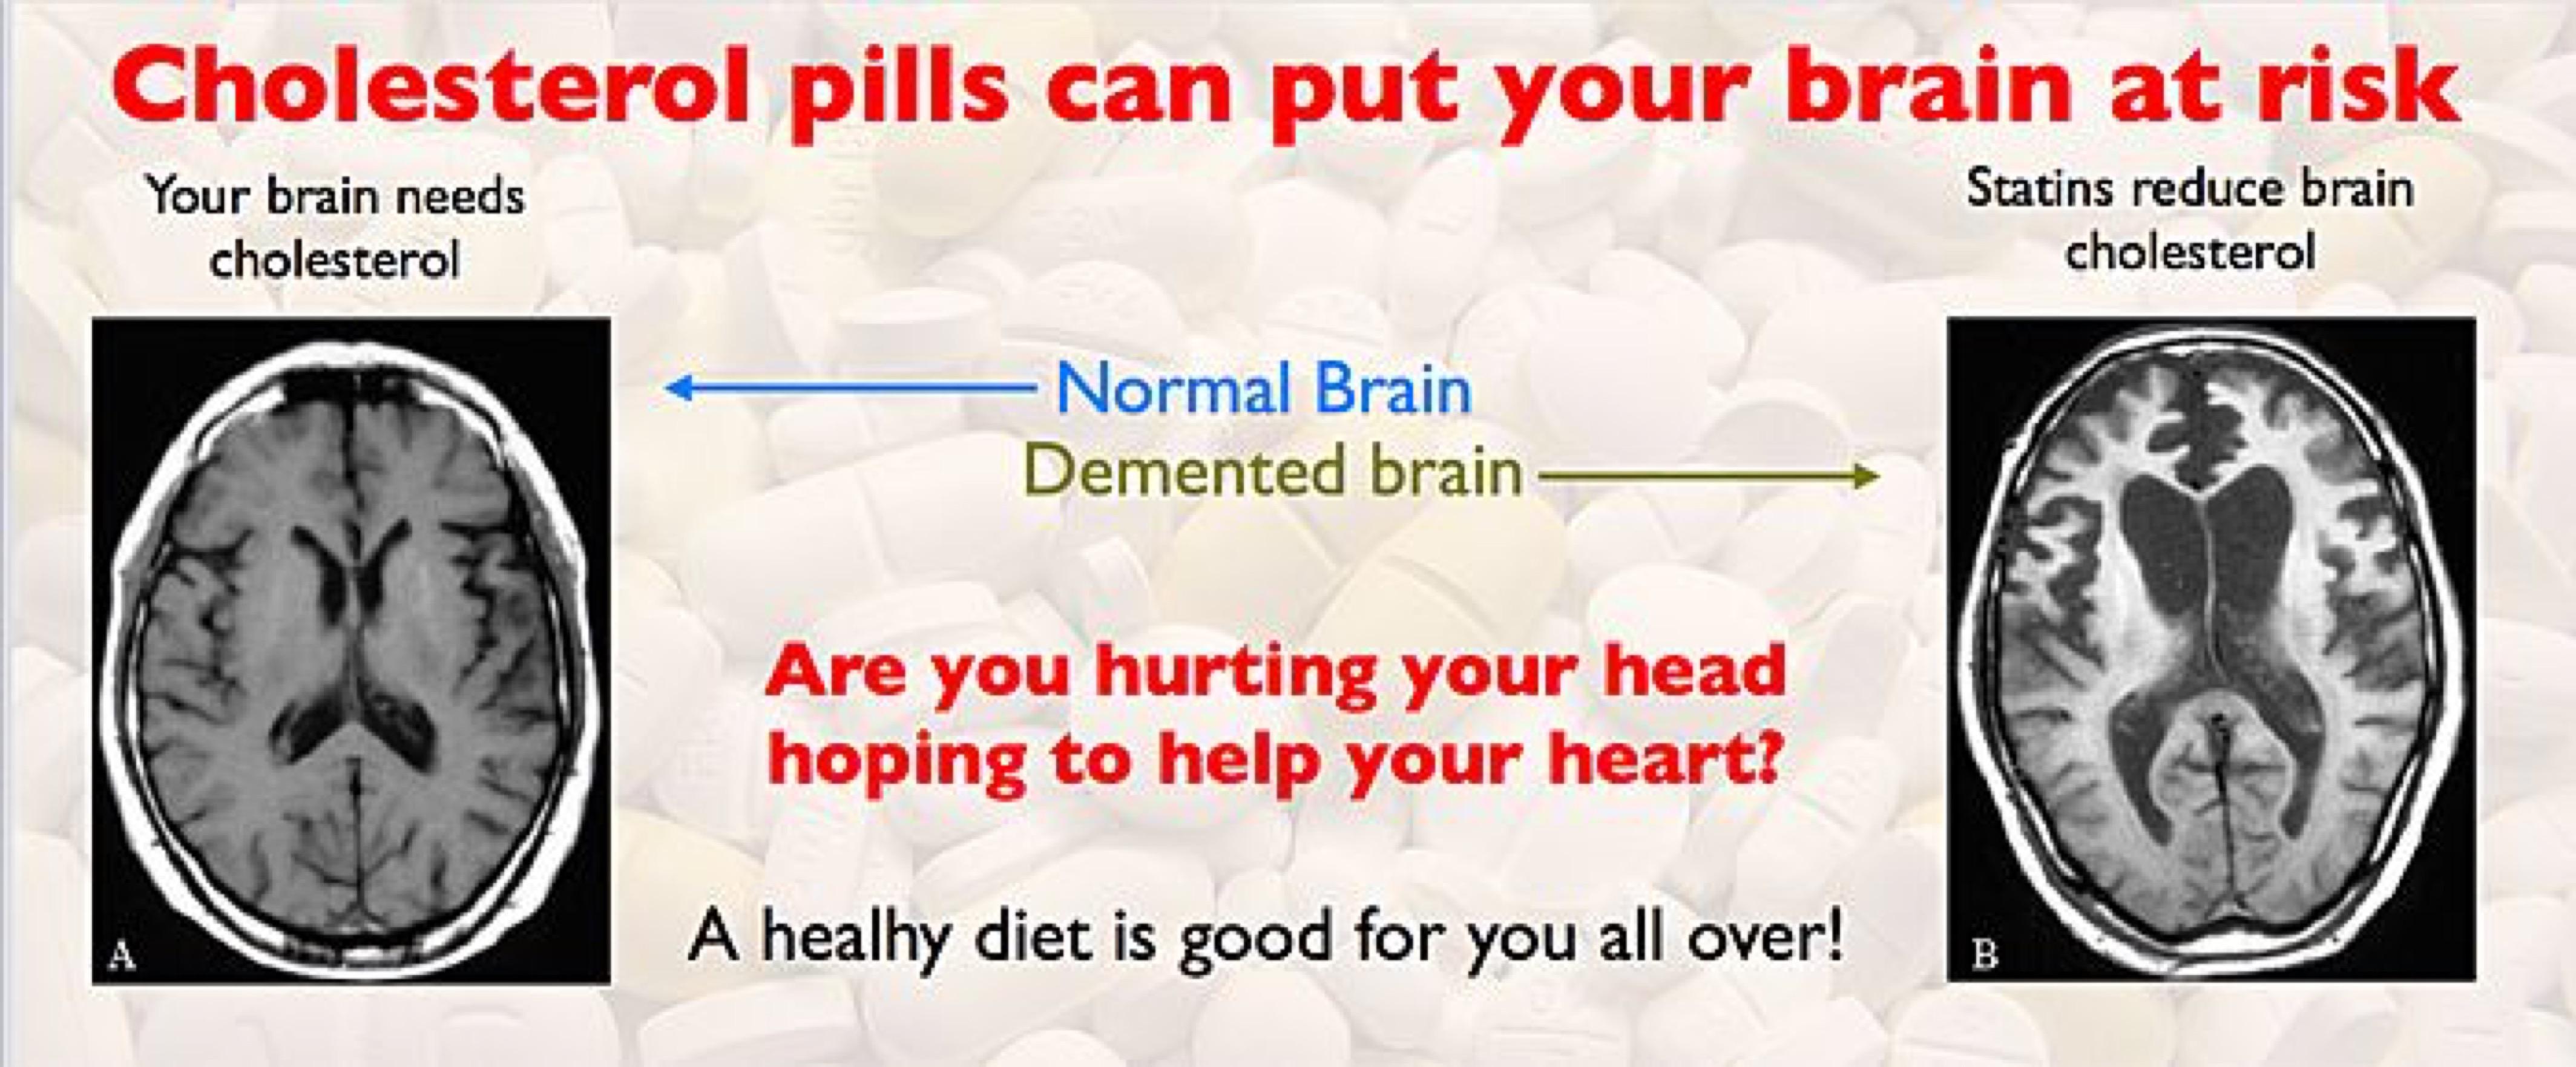 blog image - statins poster